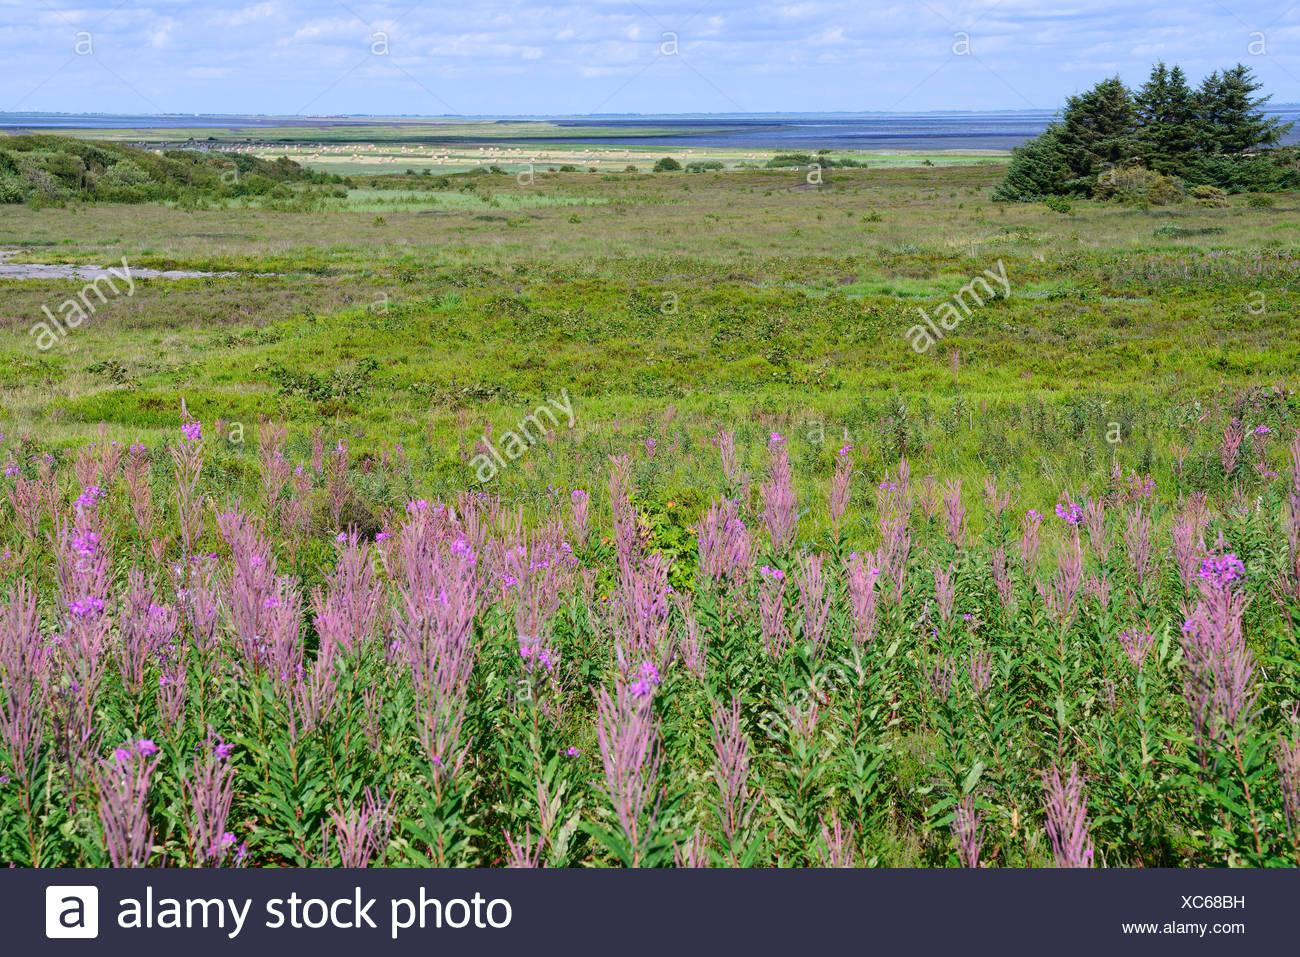 Morsum-Kliff, Morsum, Sylt, Nordfriesische Inseln, Nordfriesland, Schleswig-Holstein, Deutschland Stockbild